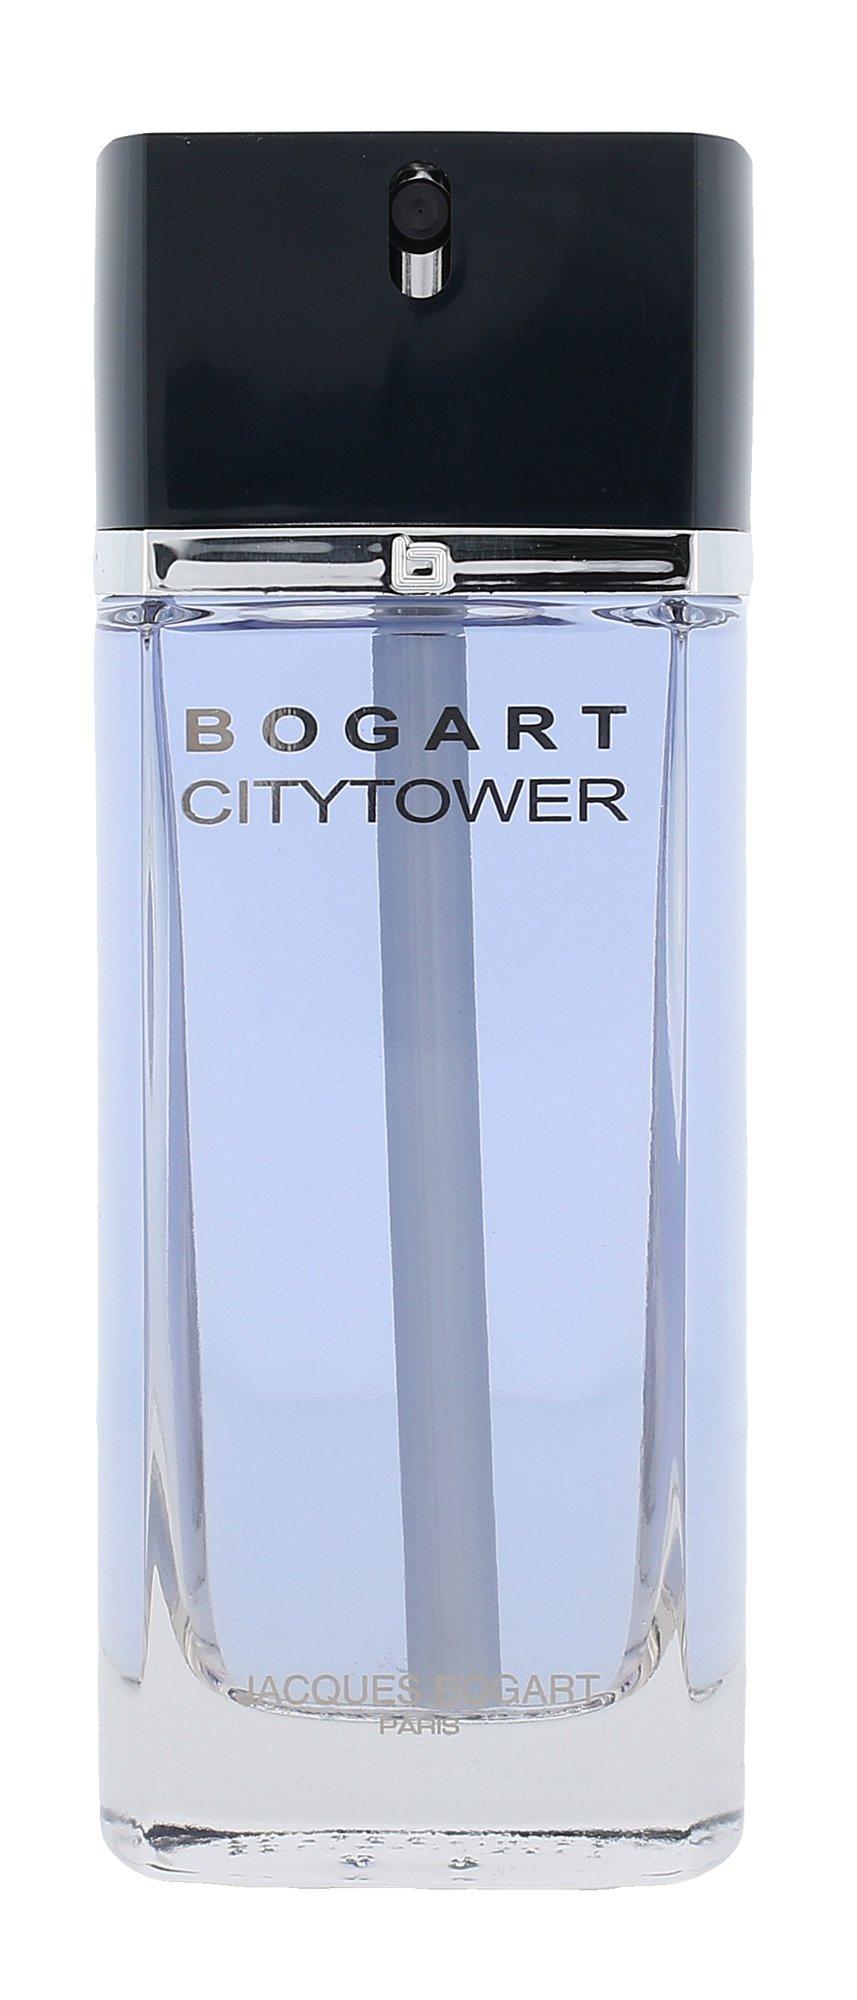 Jacques Bogart Bogart CityTower, Toaletná voda 100ml - Tester